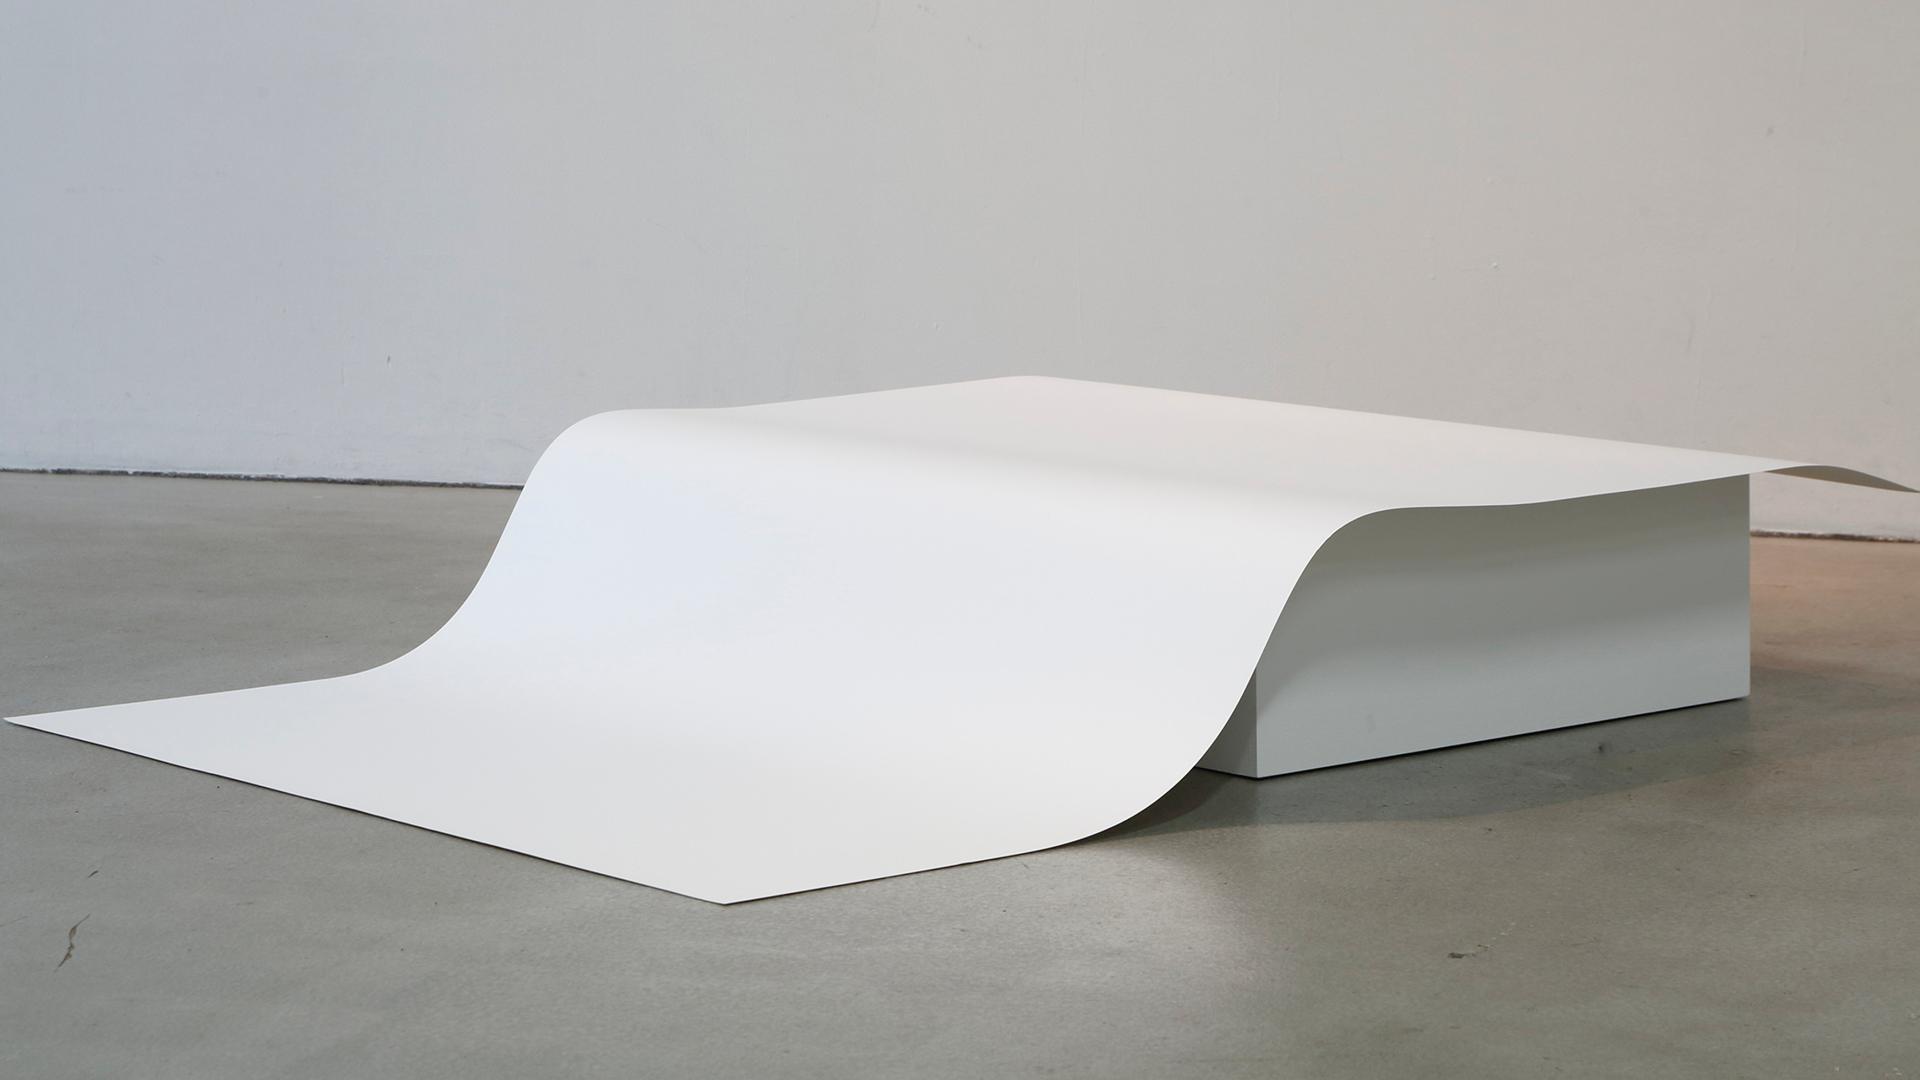 Eri Takayanagi, One Surface Piece of Paper, 2014, Papier 145 x 110.2 cm | Art Du?sseldorf | Eri Takayanagi | STIRworld